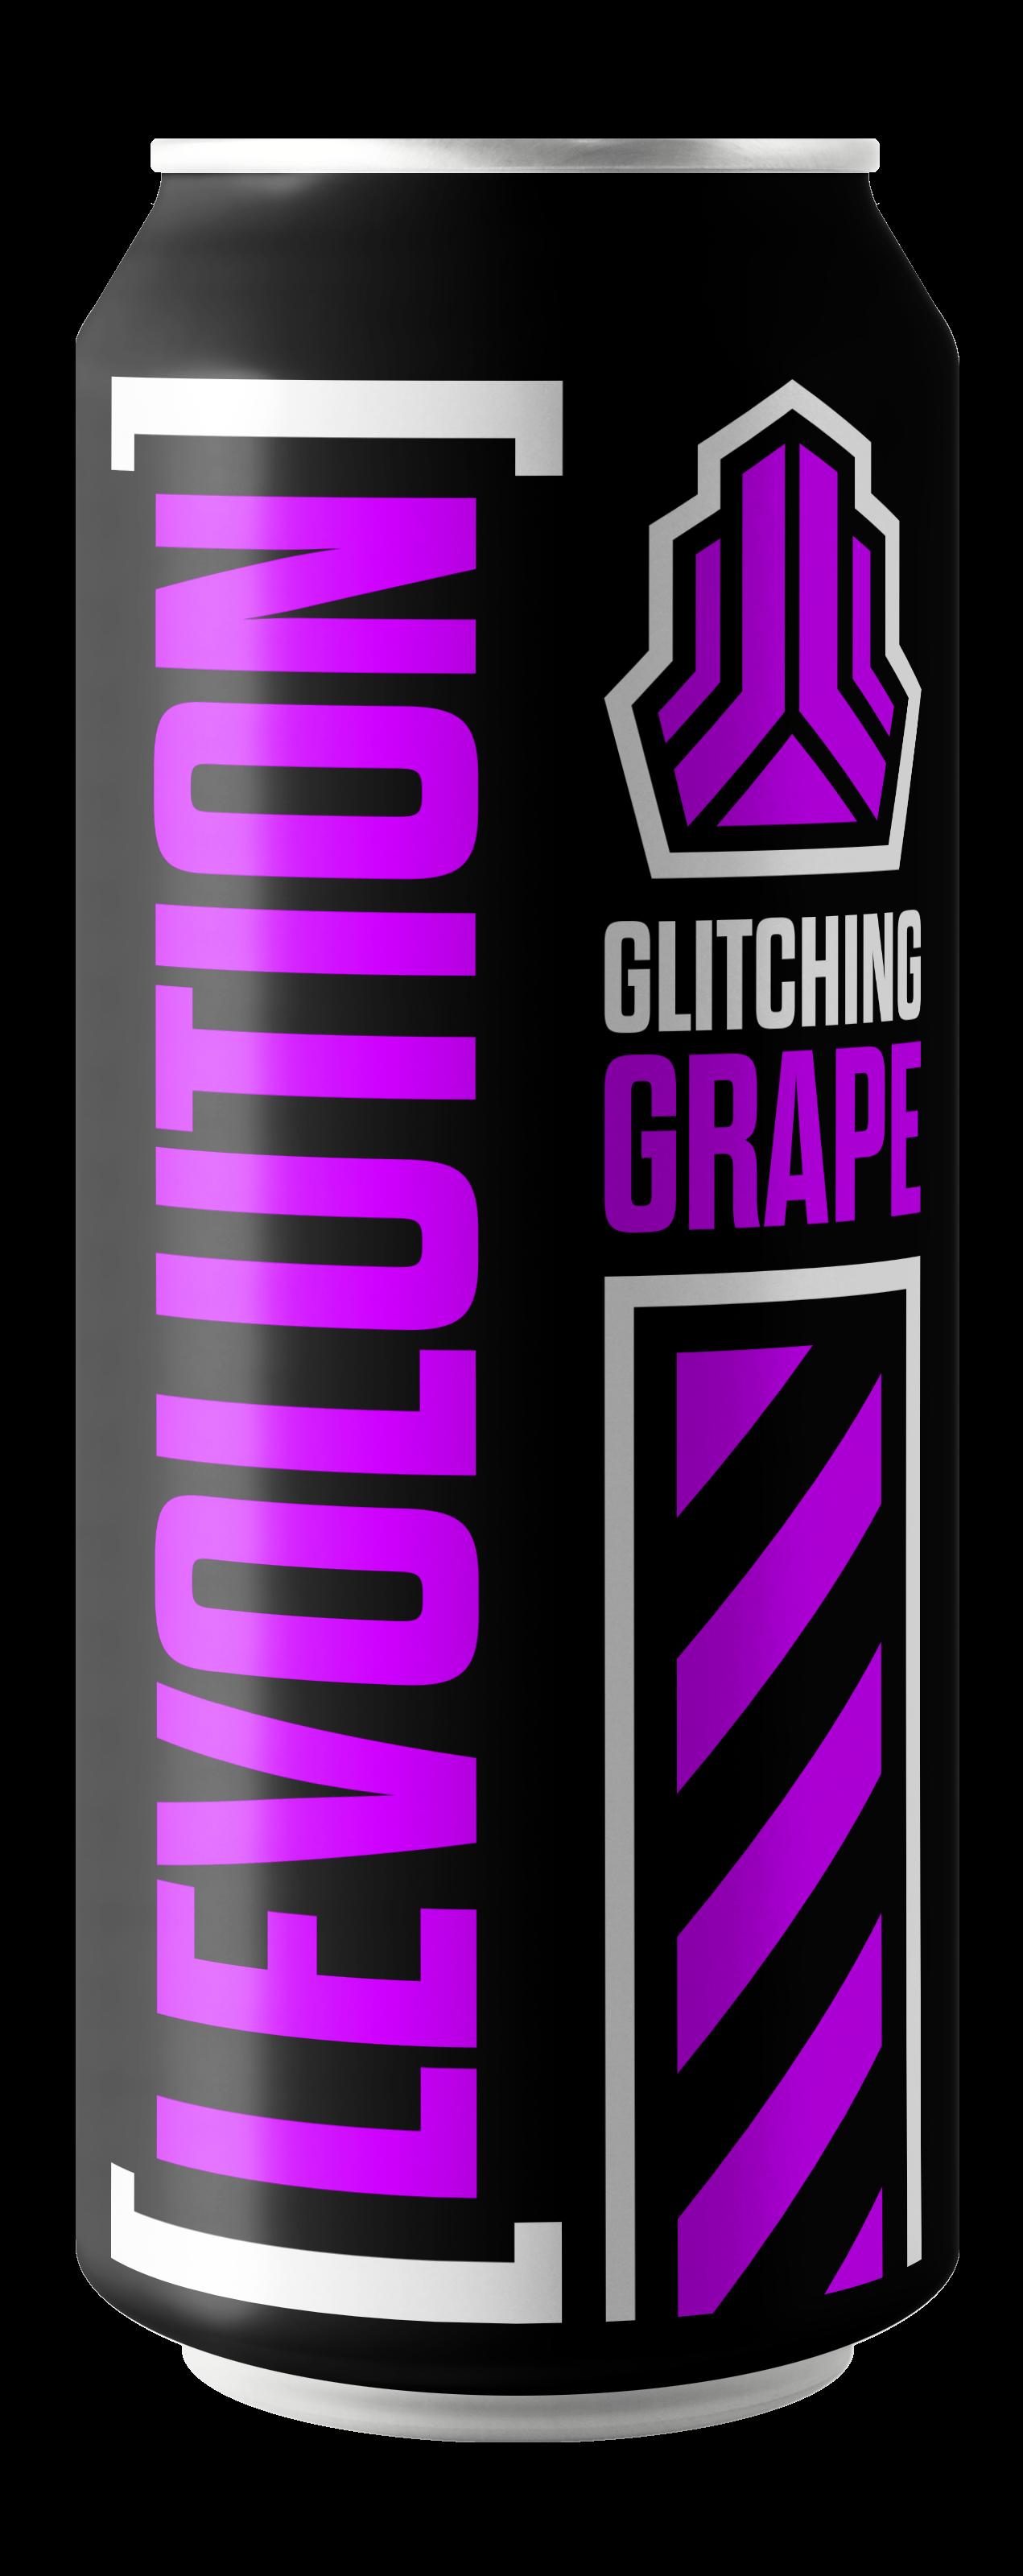 GLITCHING-GRAPE